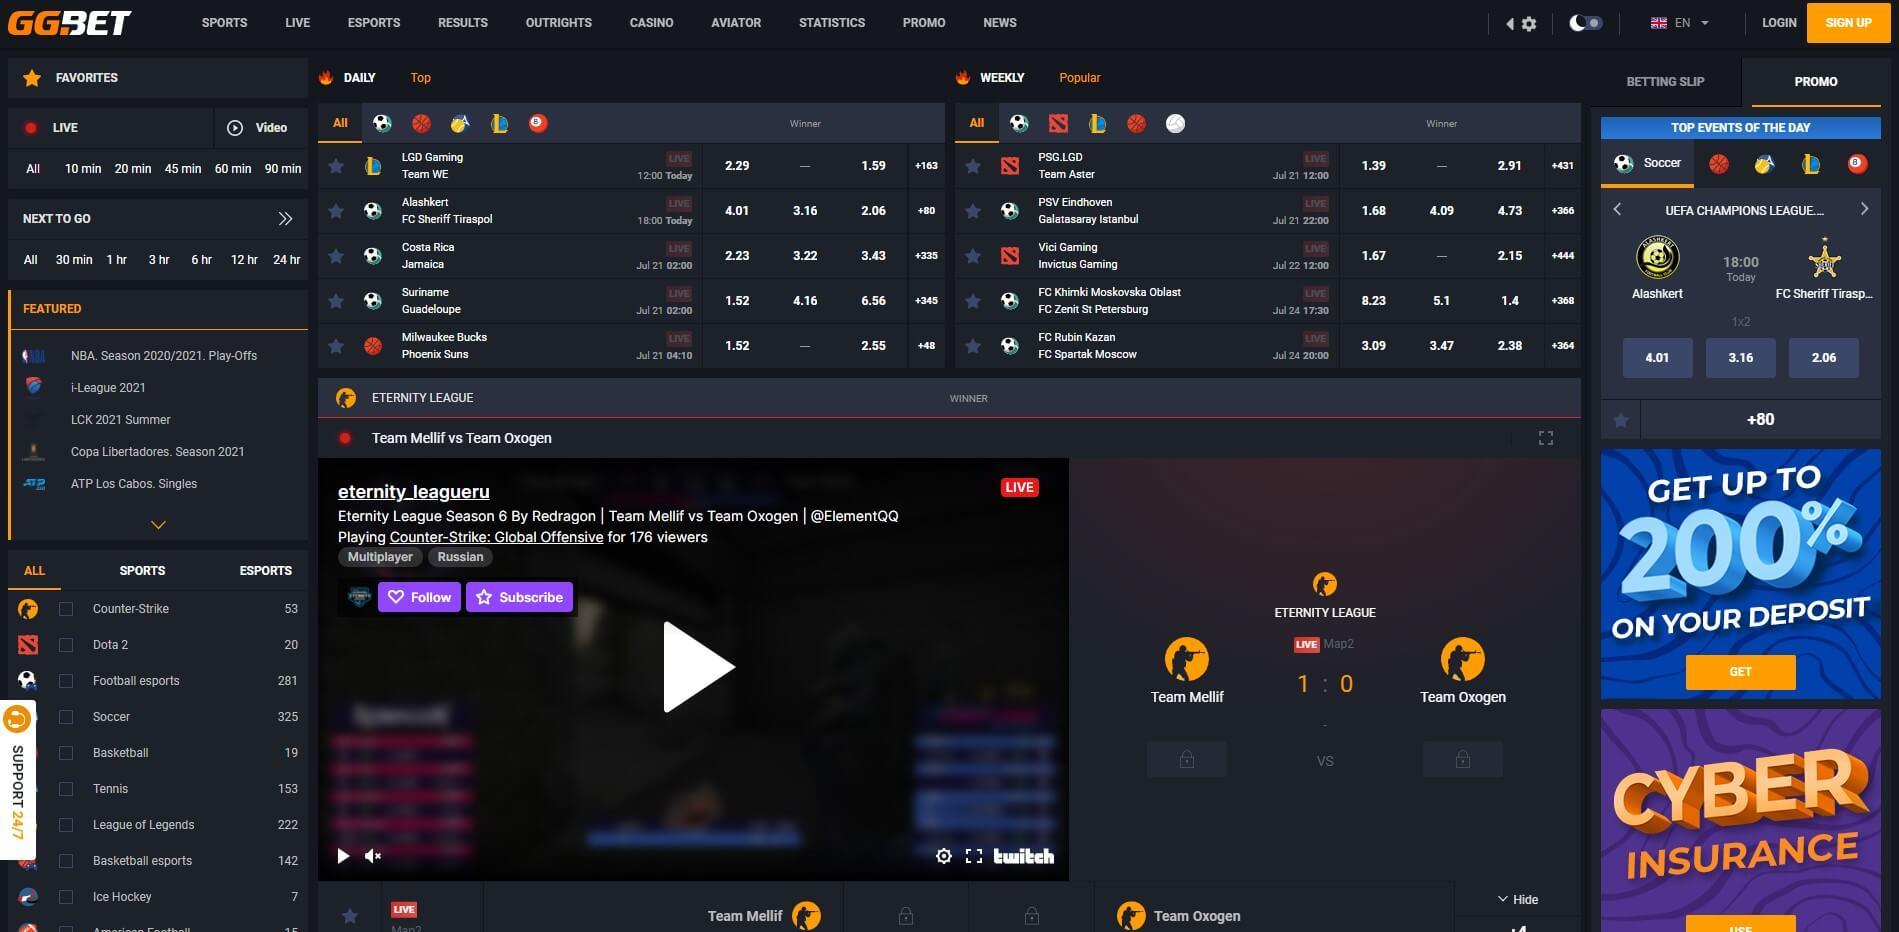 gg.bet - Website Review